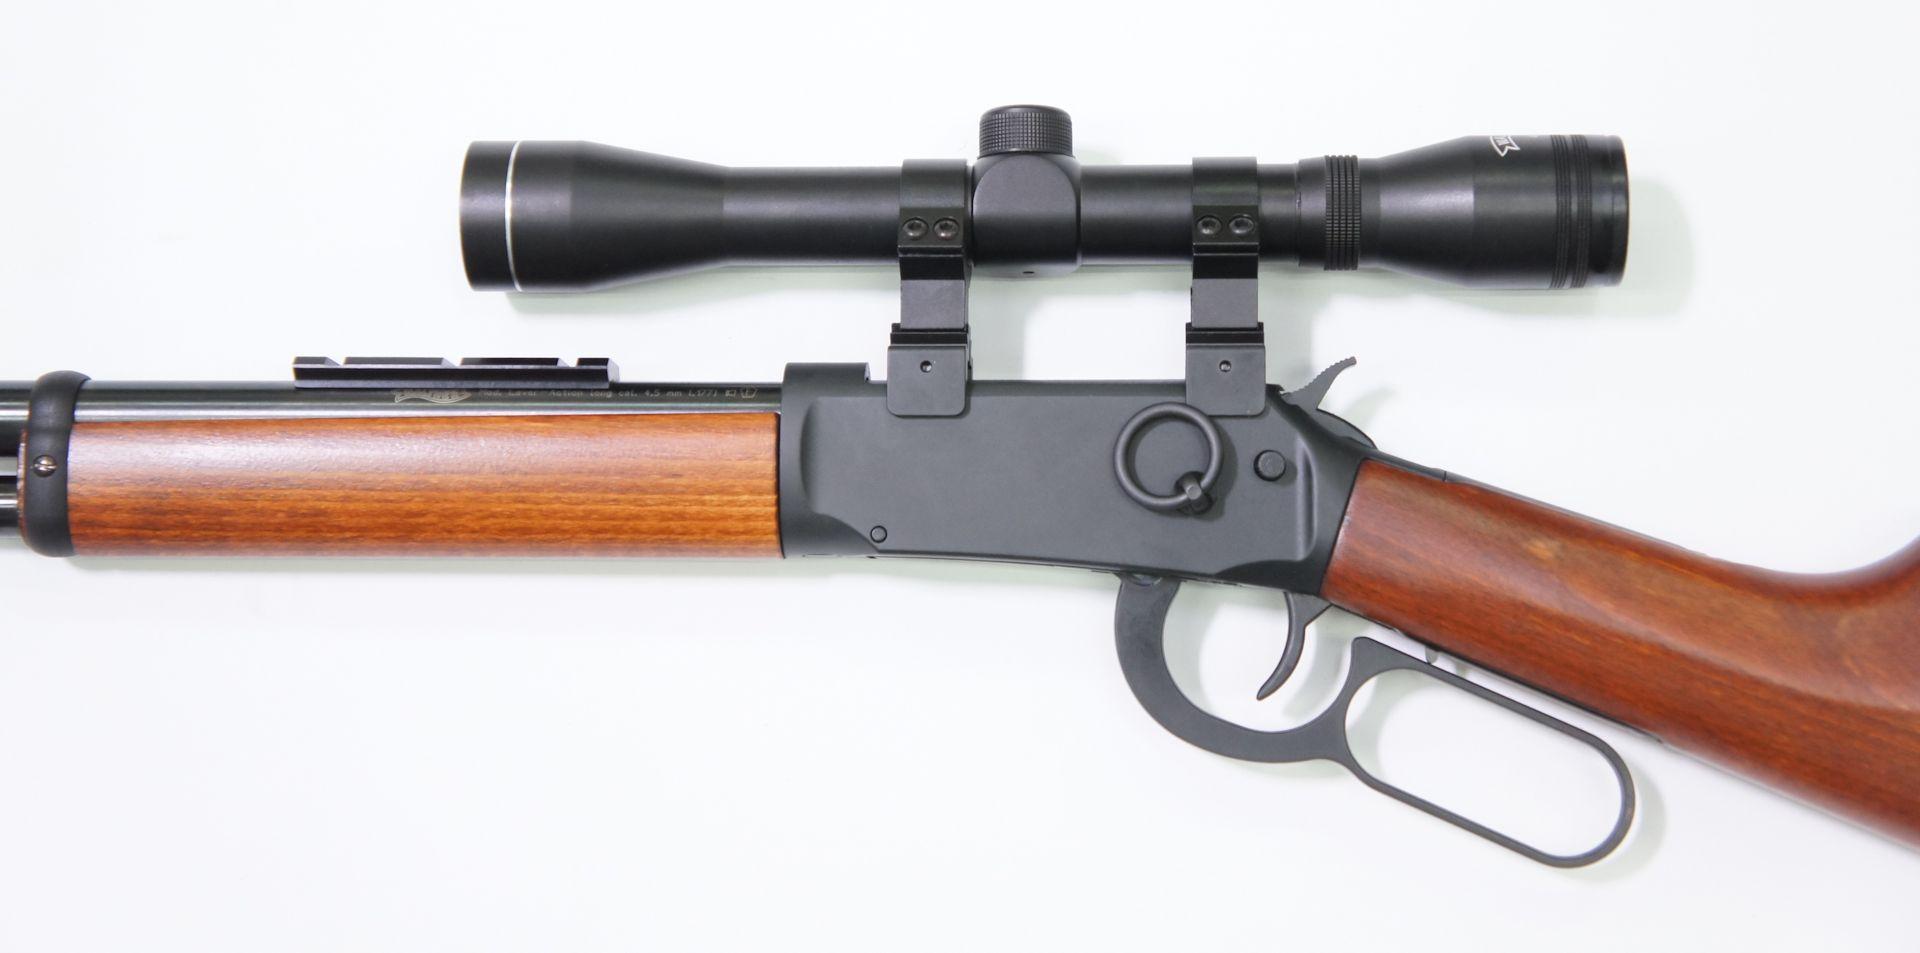 Montagebeispiel mit <a href=1050341.htm>CO2 Gewehr Walther LeverAction</a>